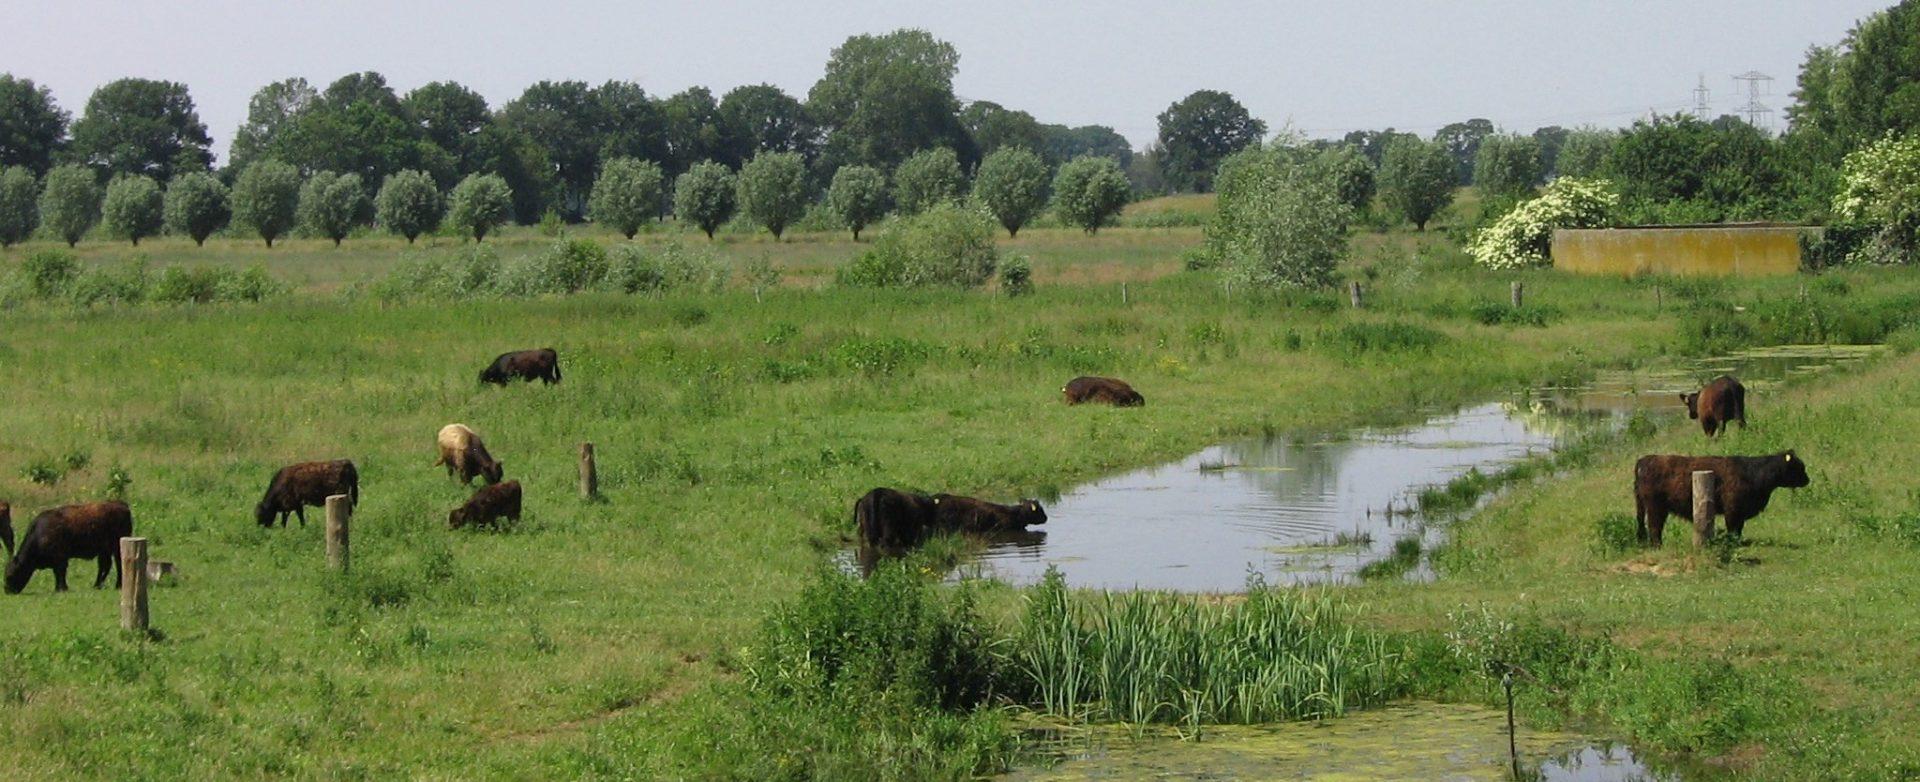 Koeien water 2